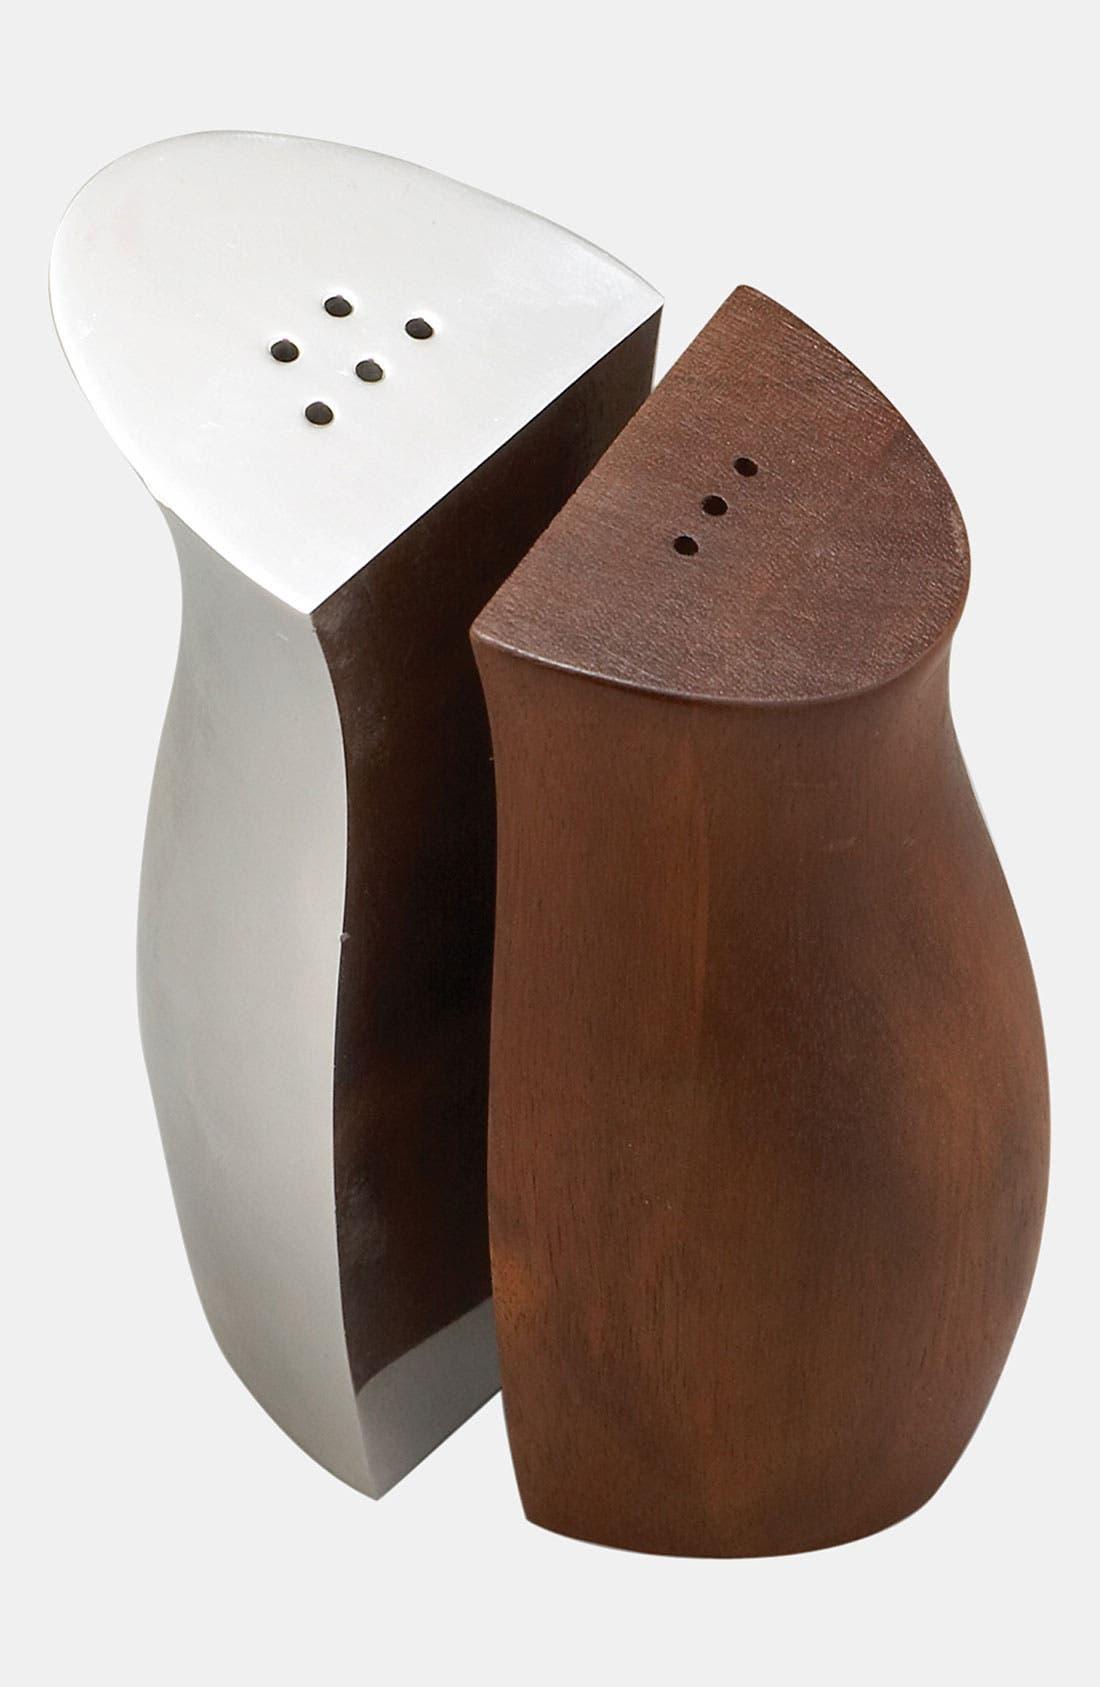 Alternate Image 1 Selected - Nambé 'Cradle' Salt & Pepper Shakers